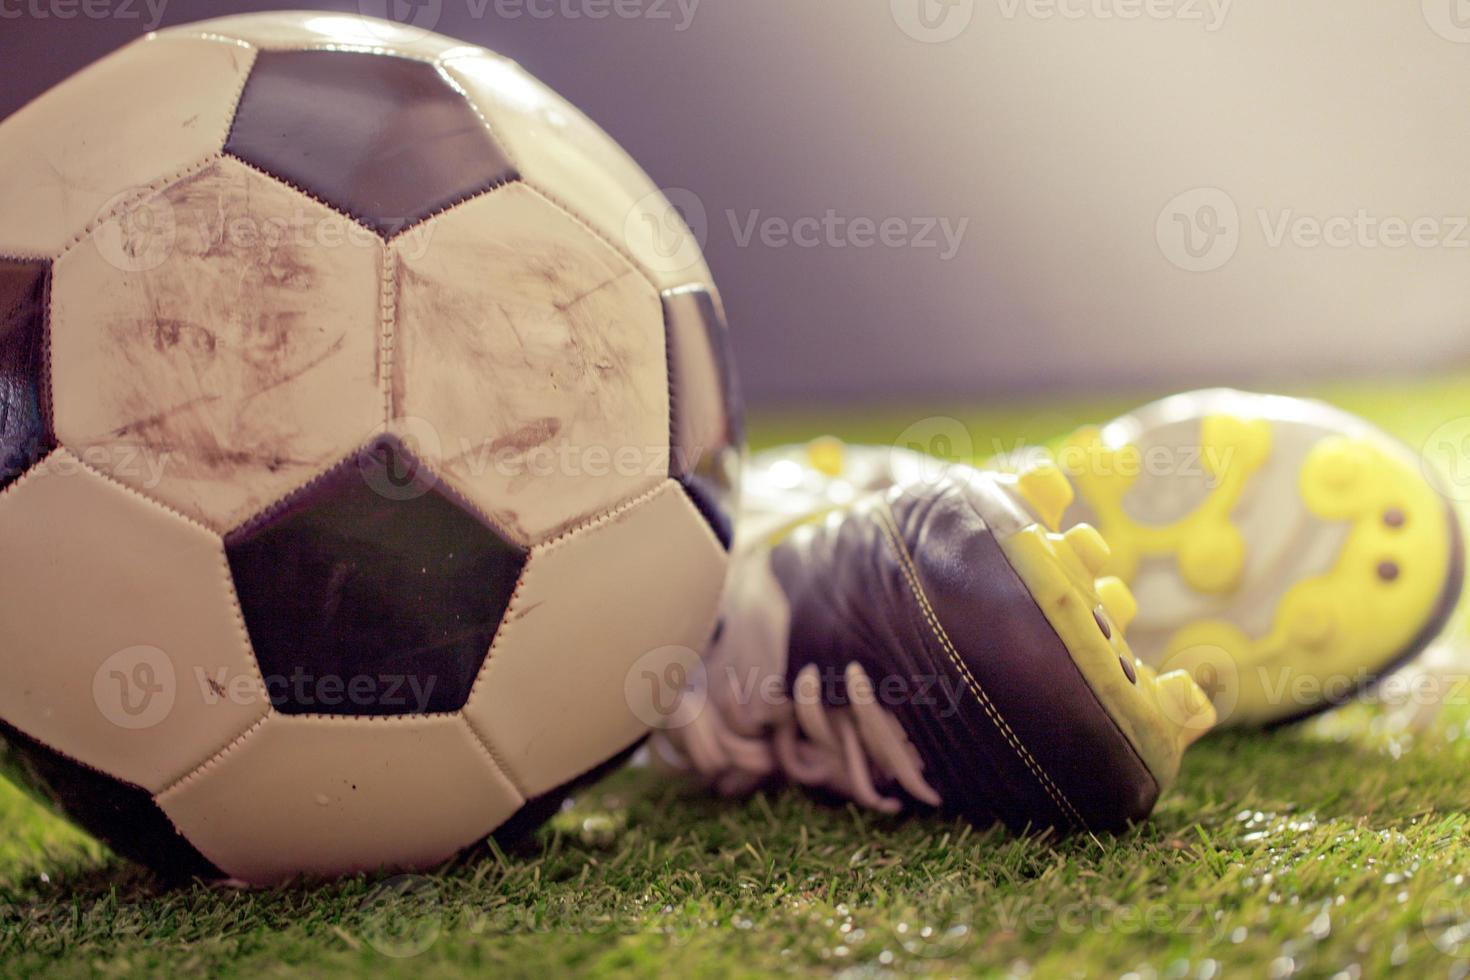 Shoes & football photo